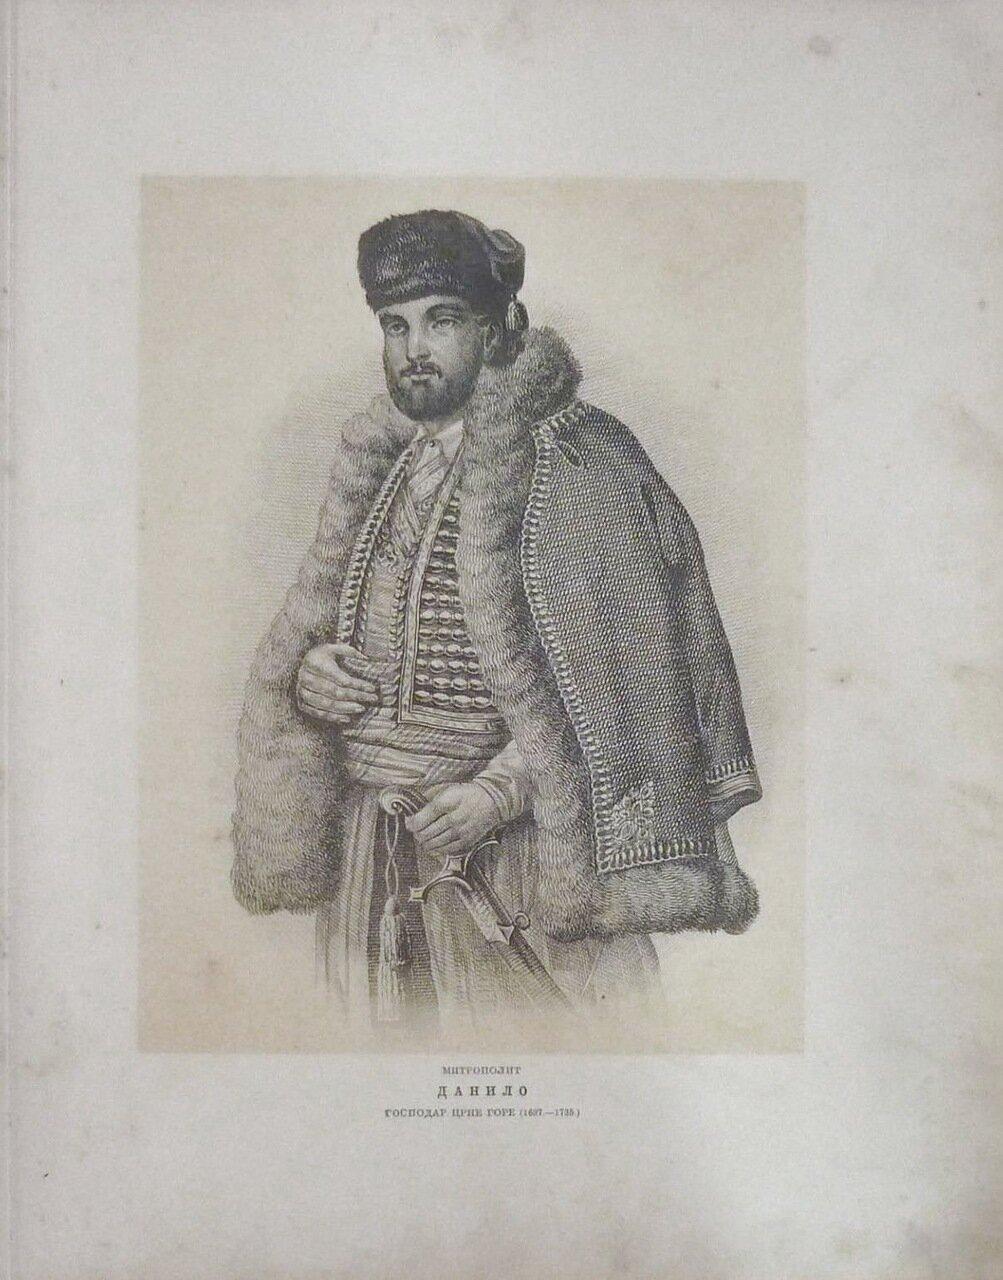 Данило Петрович Негош (около 1670, с. Негуши, Черногория, ≈ 11.1.1735, монастырь Подмаине, там же), митрополит Черногории (с 1697), основатель династии Негошей.